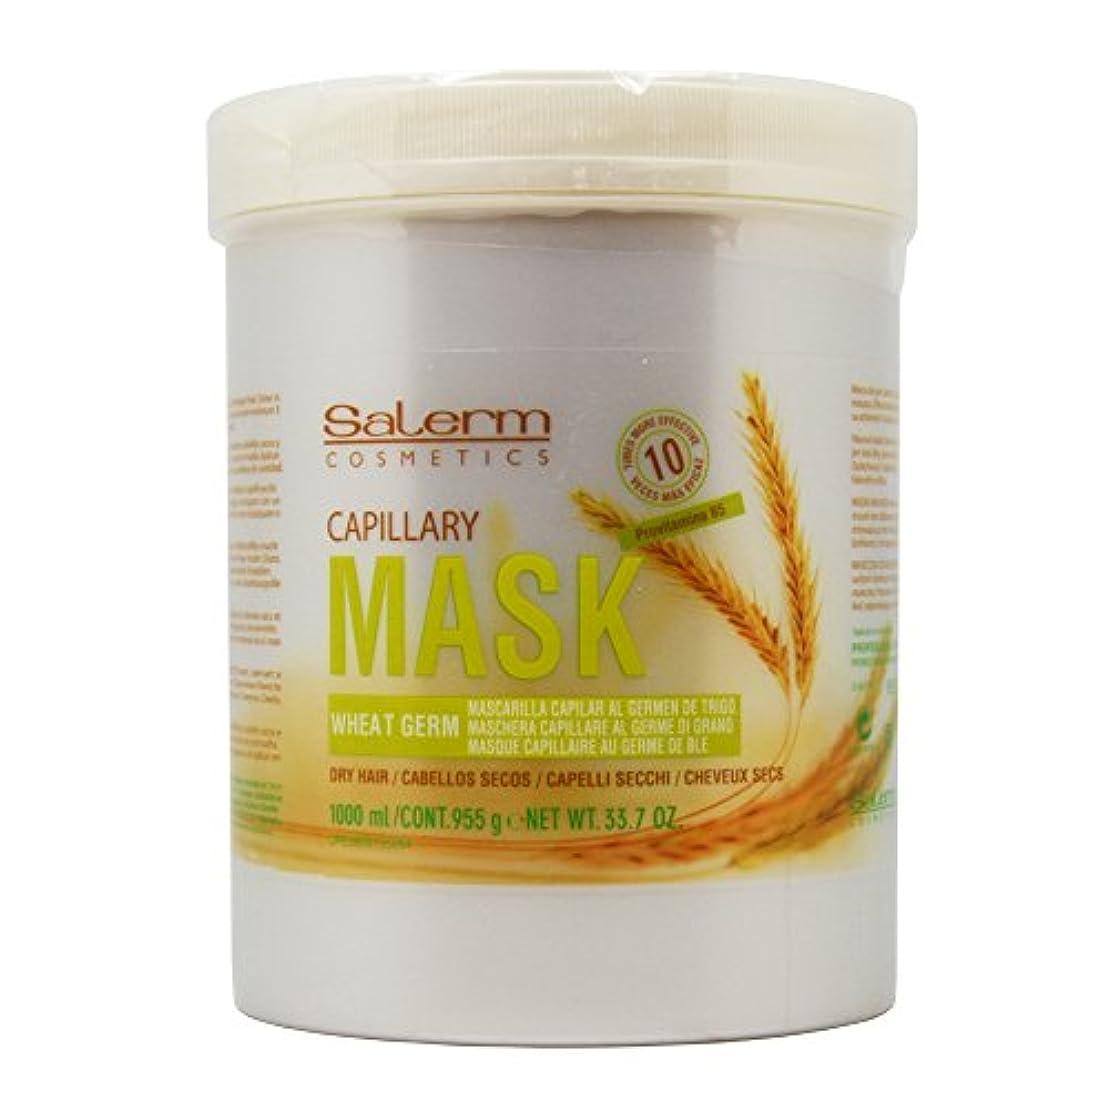 地球ピンポイントクロスCapillary Mask by Salerm Salerm化粧品小麦胚芽キャピラリーマスク、ドライ髪のためのプロビタミンB5 33.7オンス/千ミリリットル - largeリットルサイズ